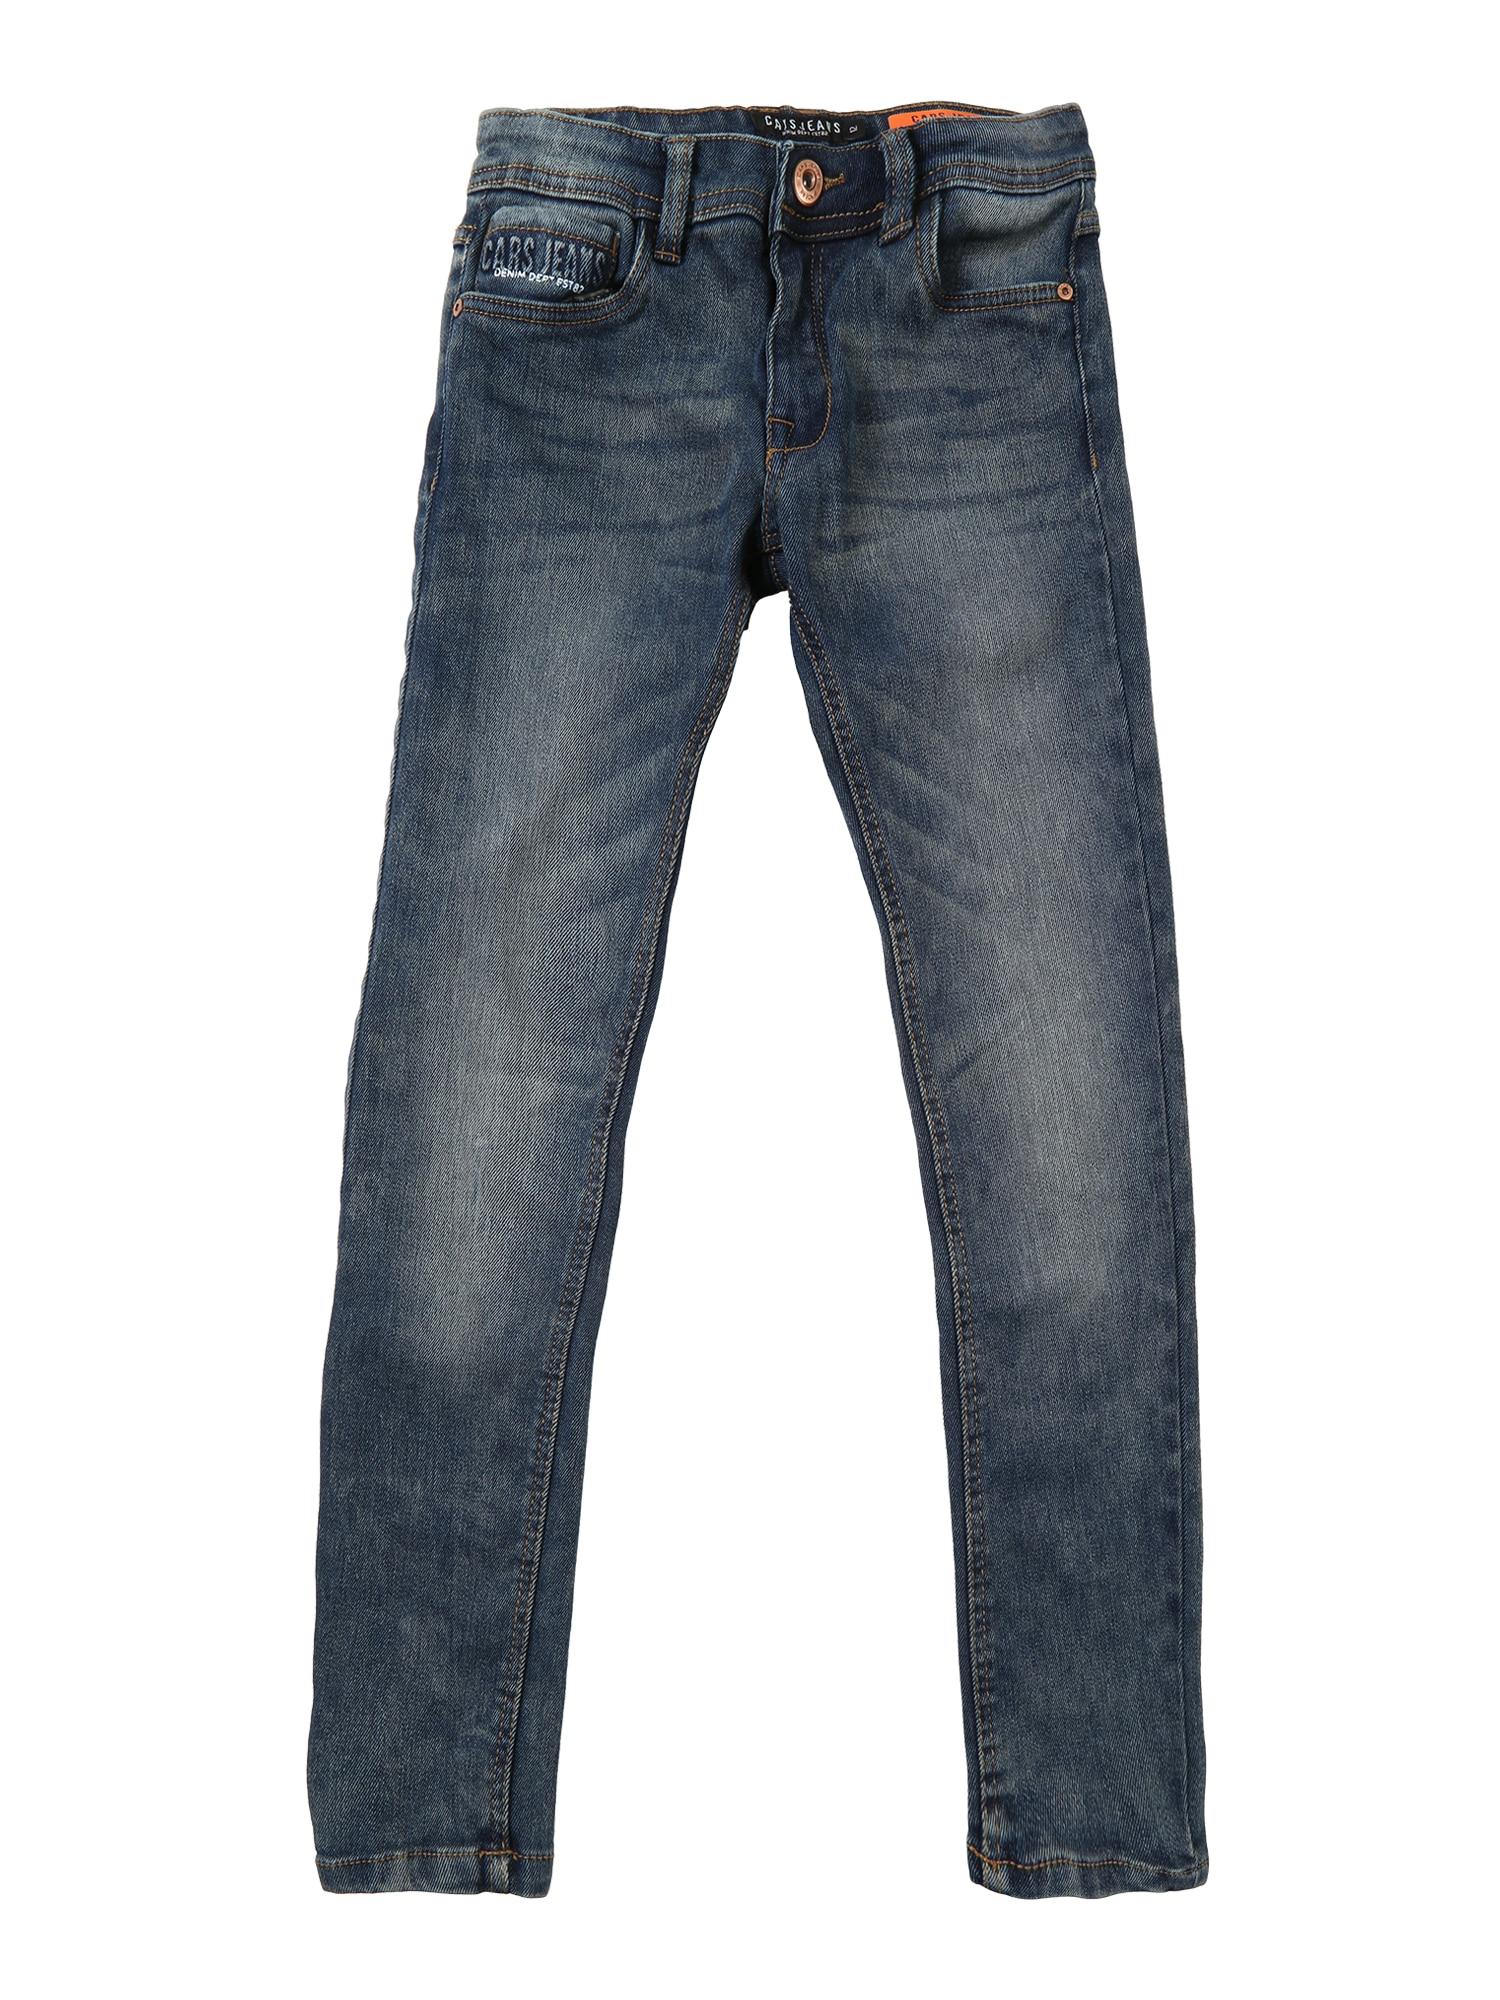 Džíny KIDS IRON tmavě modrá Cars Jeans